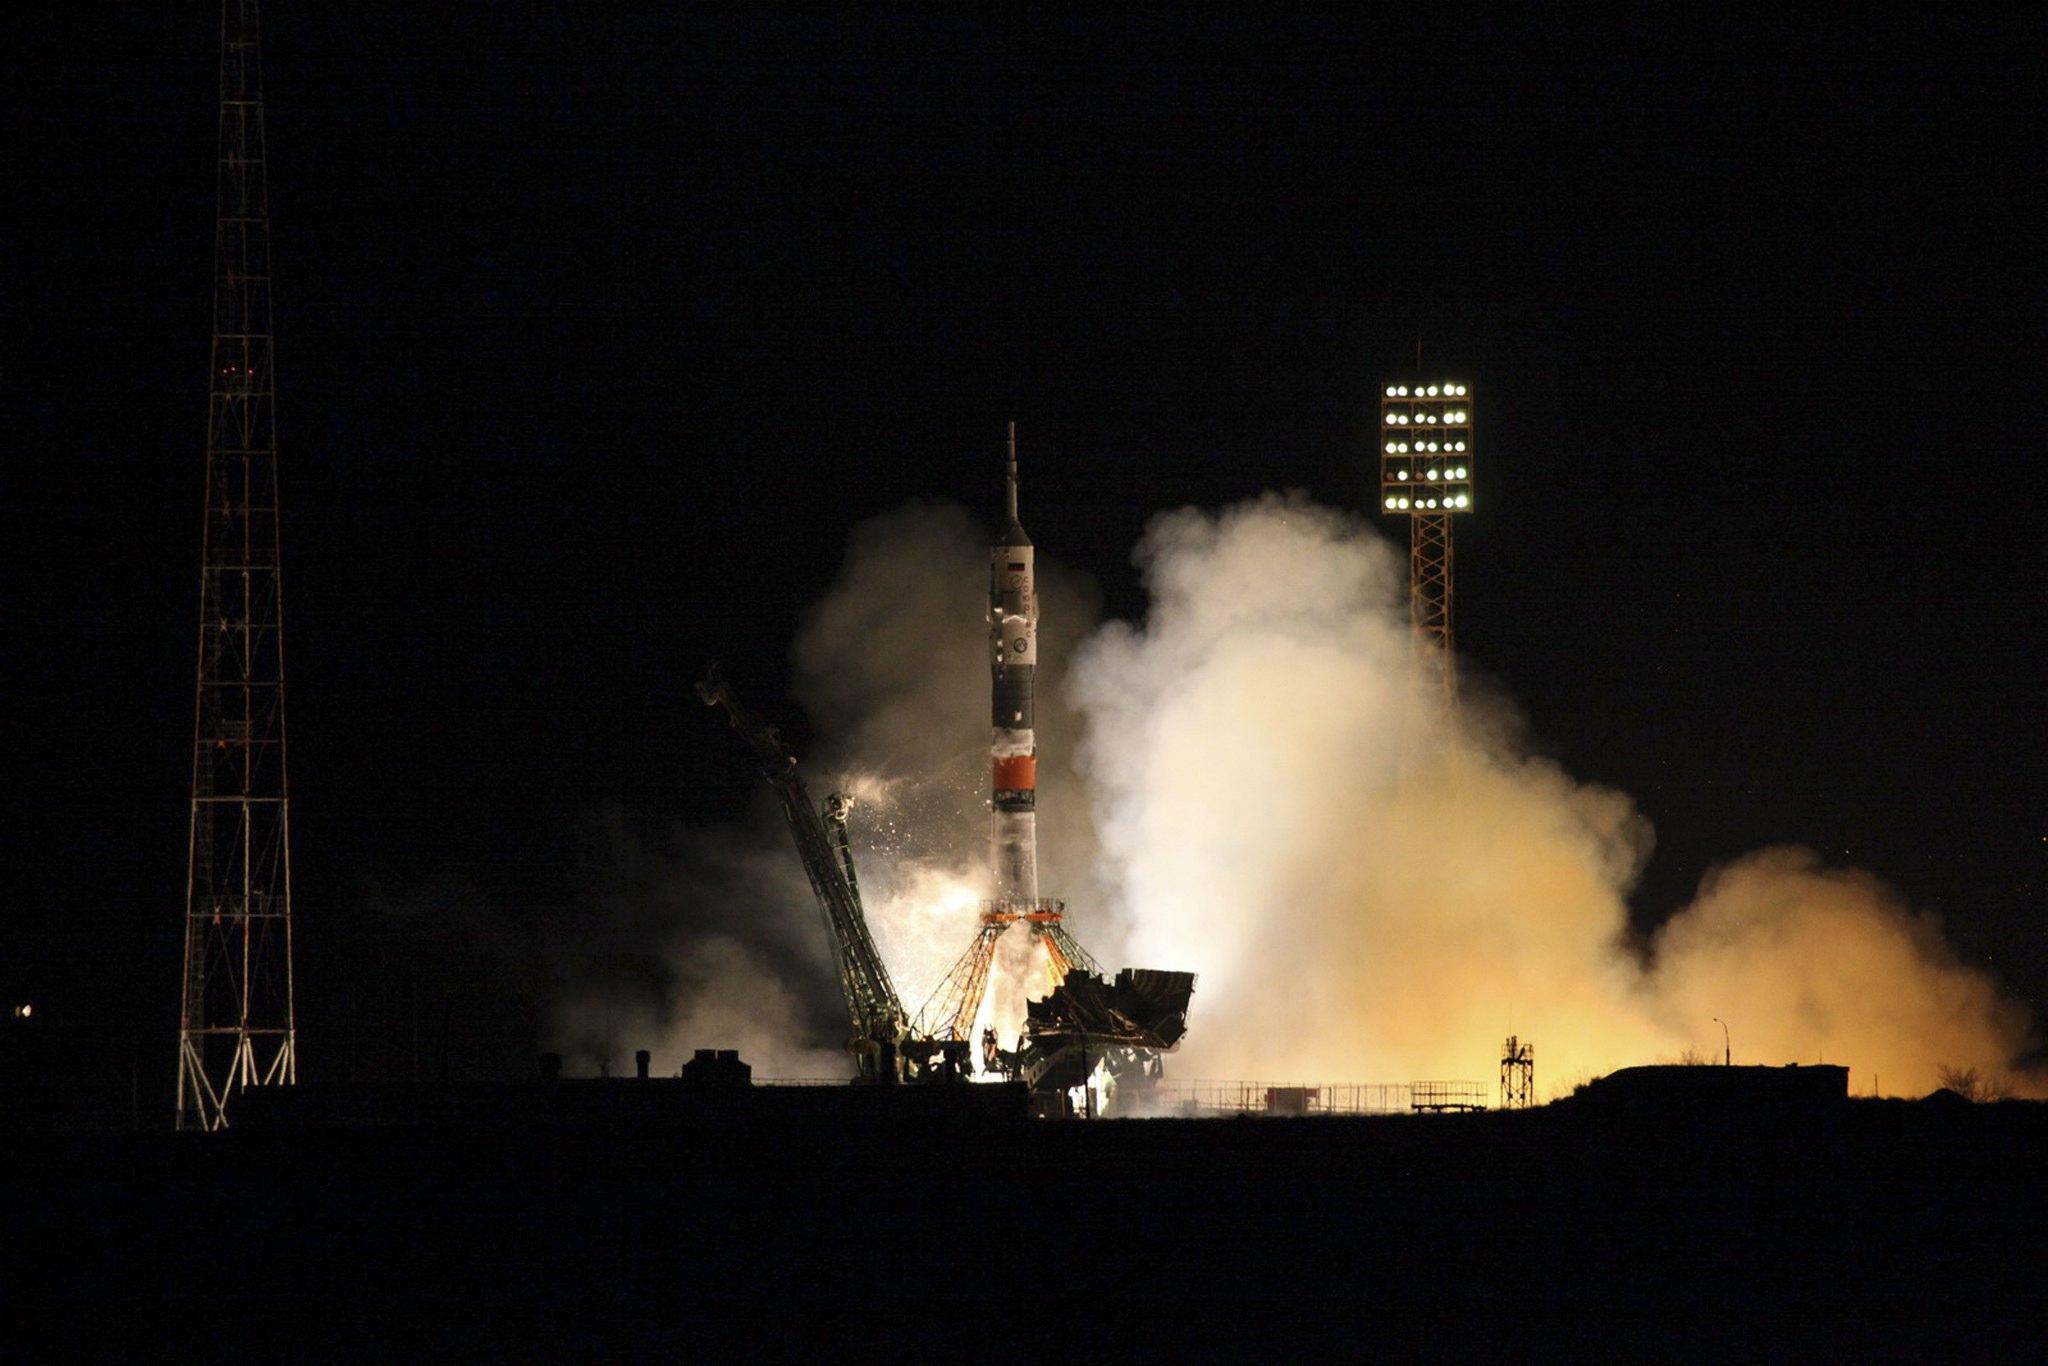 La navicella si prepara a intraprendere il suo viaggio verso la Stazione Spaziale Internazionale